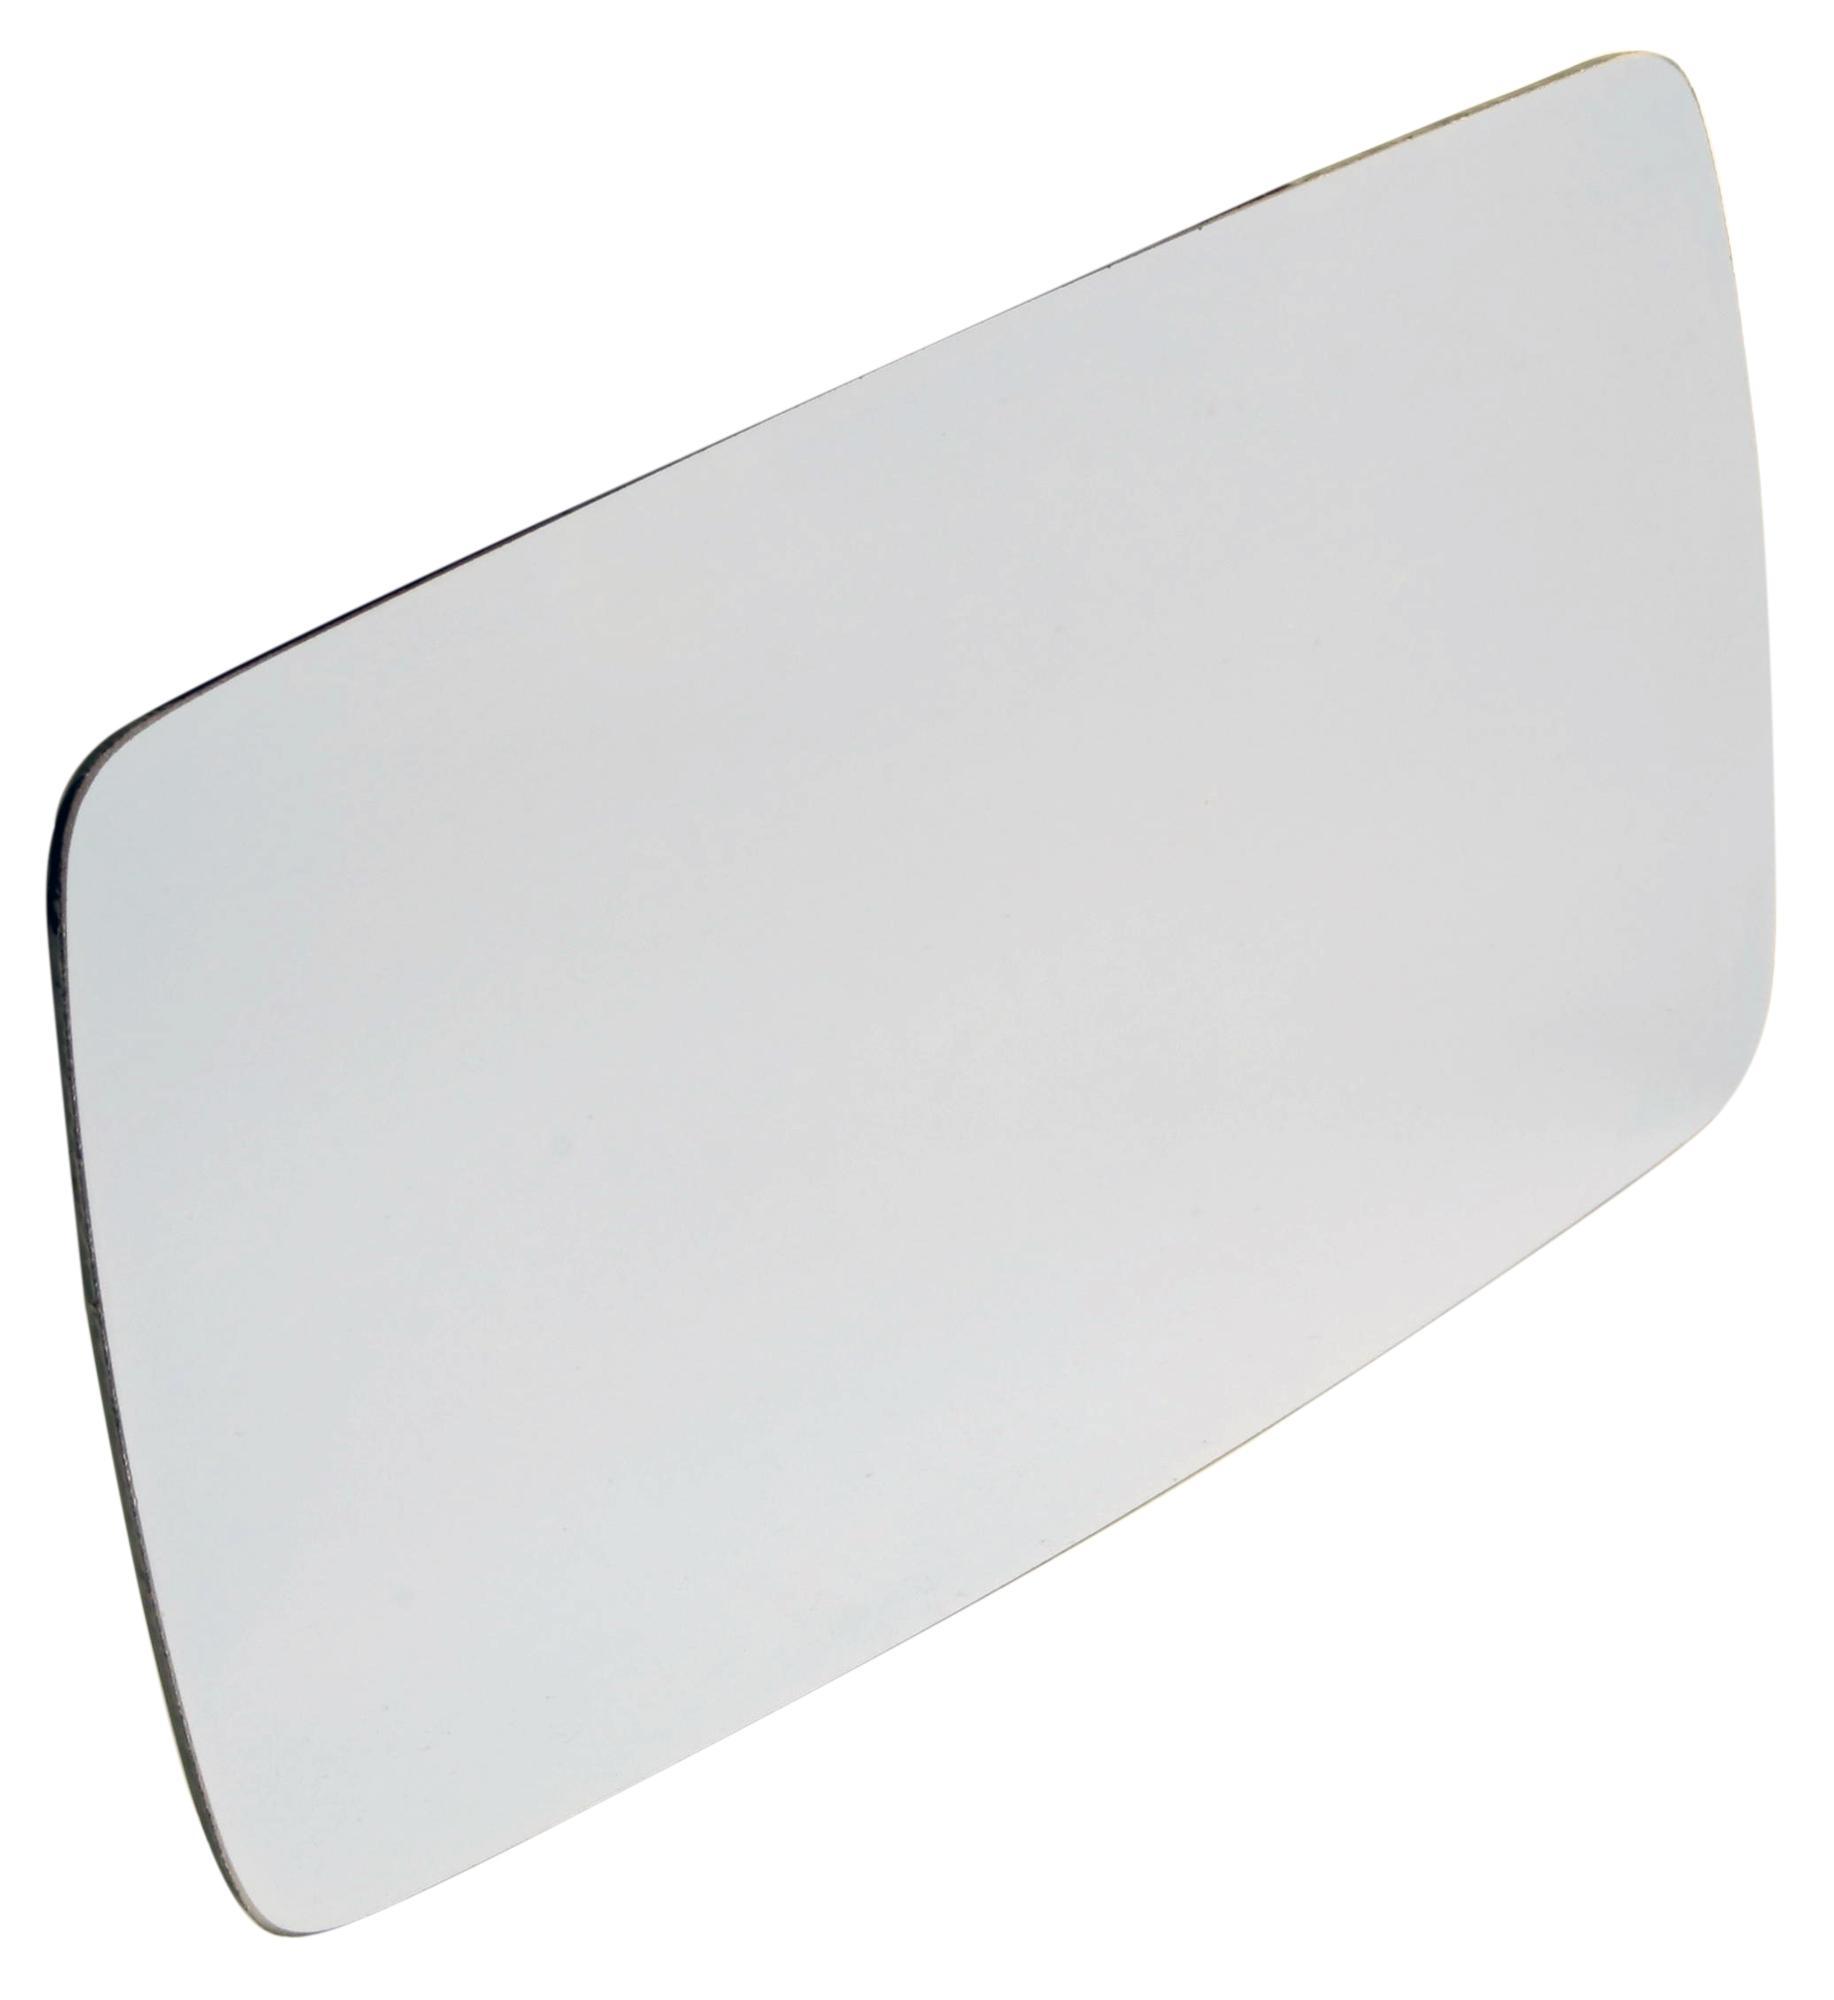 Door Mirror Glass New Replacement Passenger Side For Lexus IS300 02-05